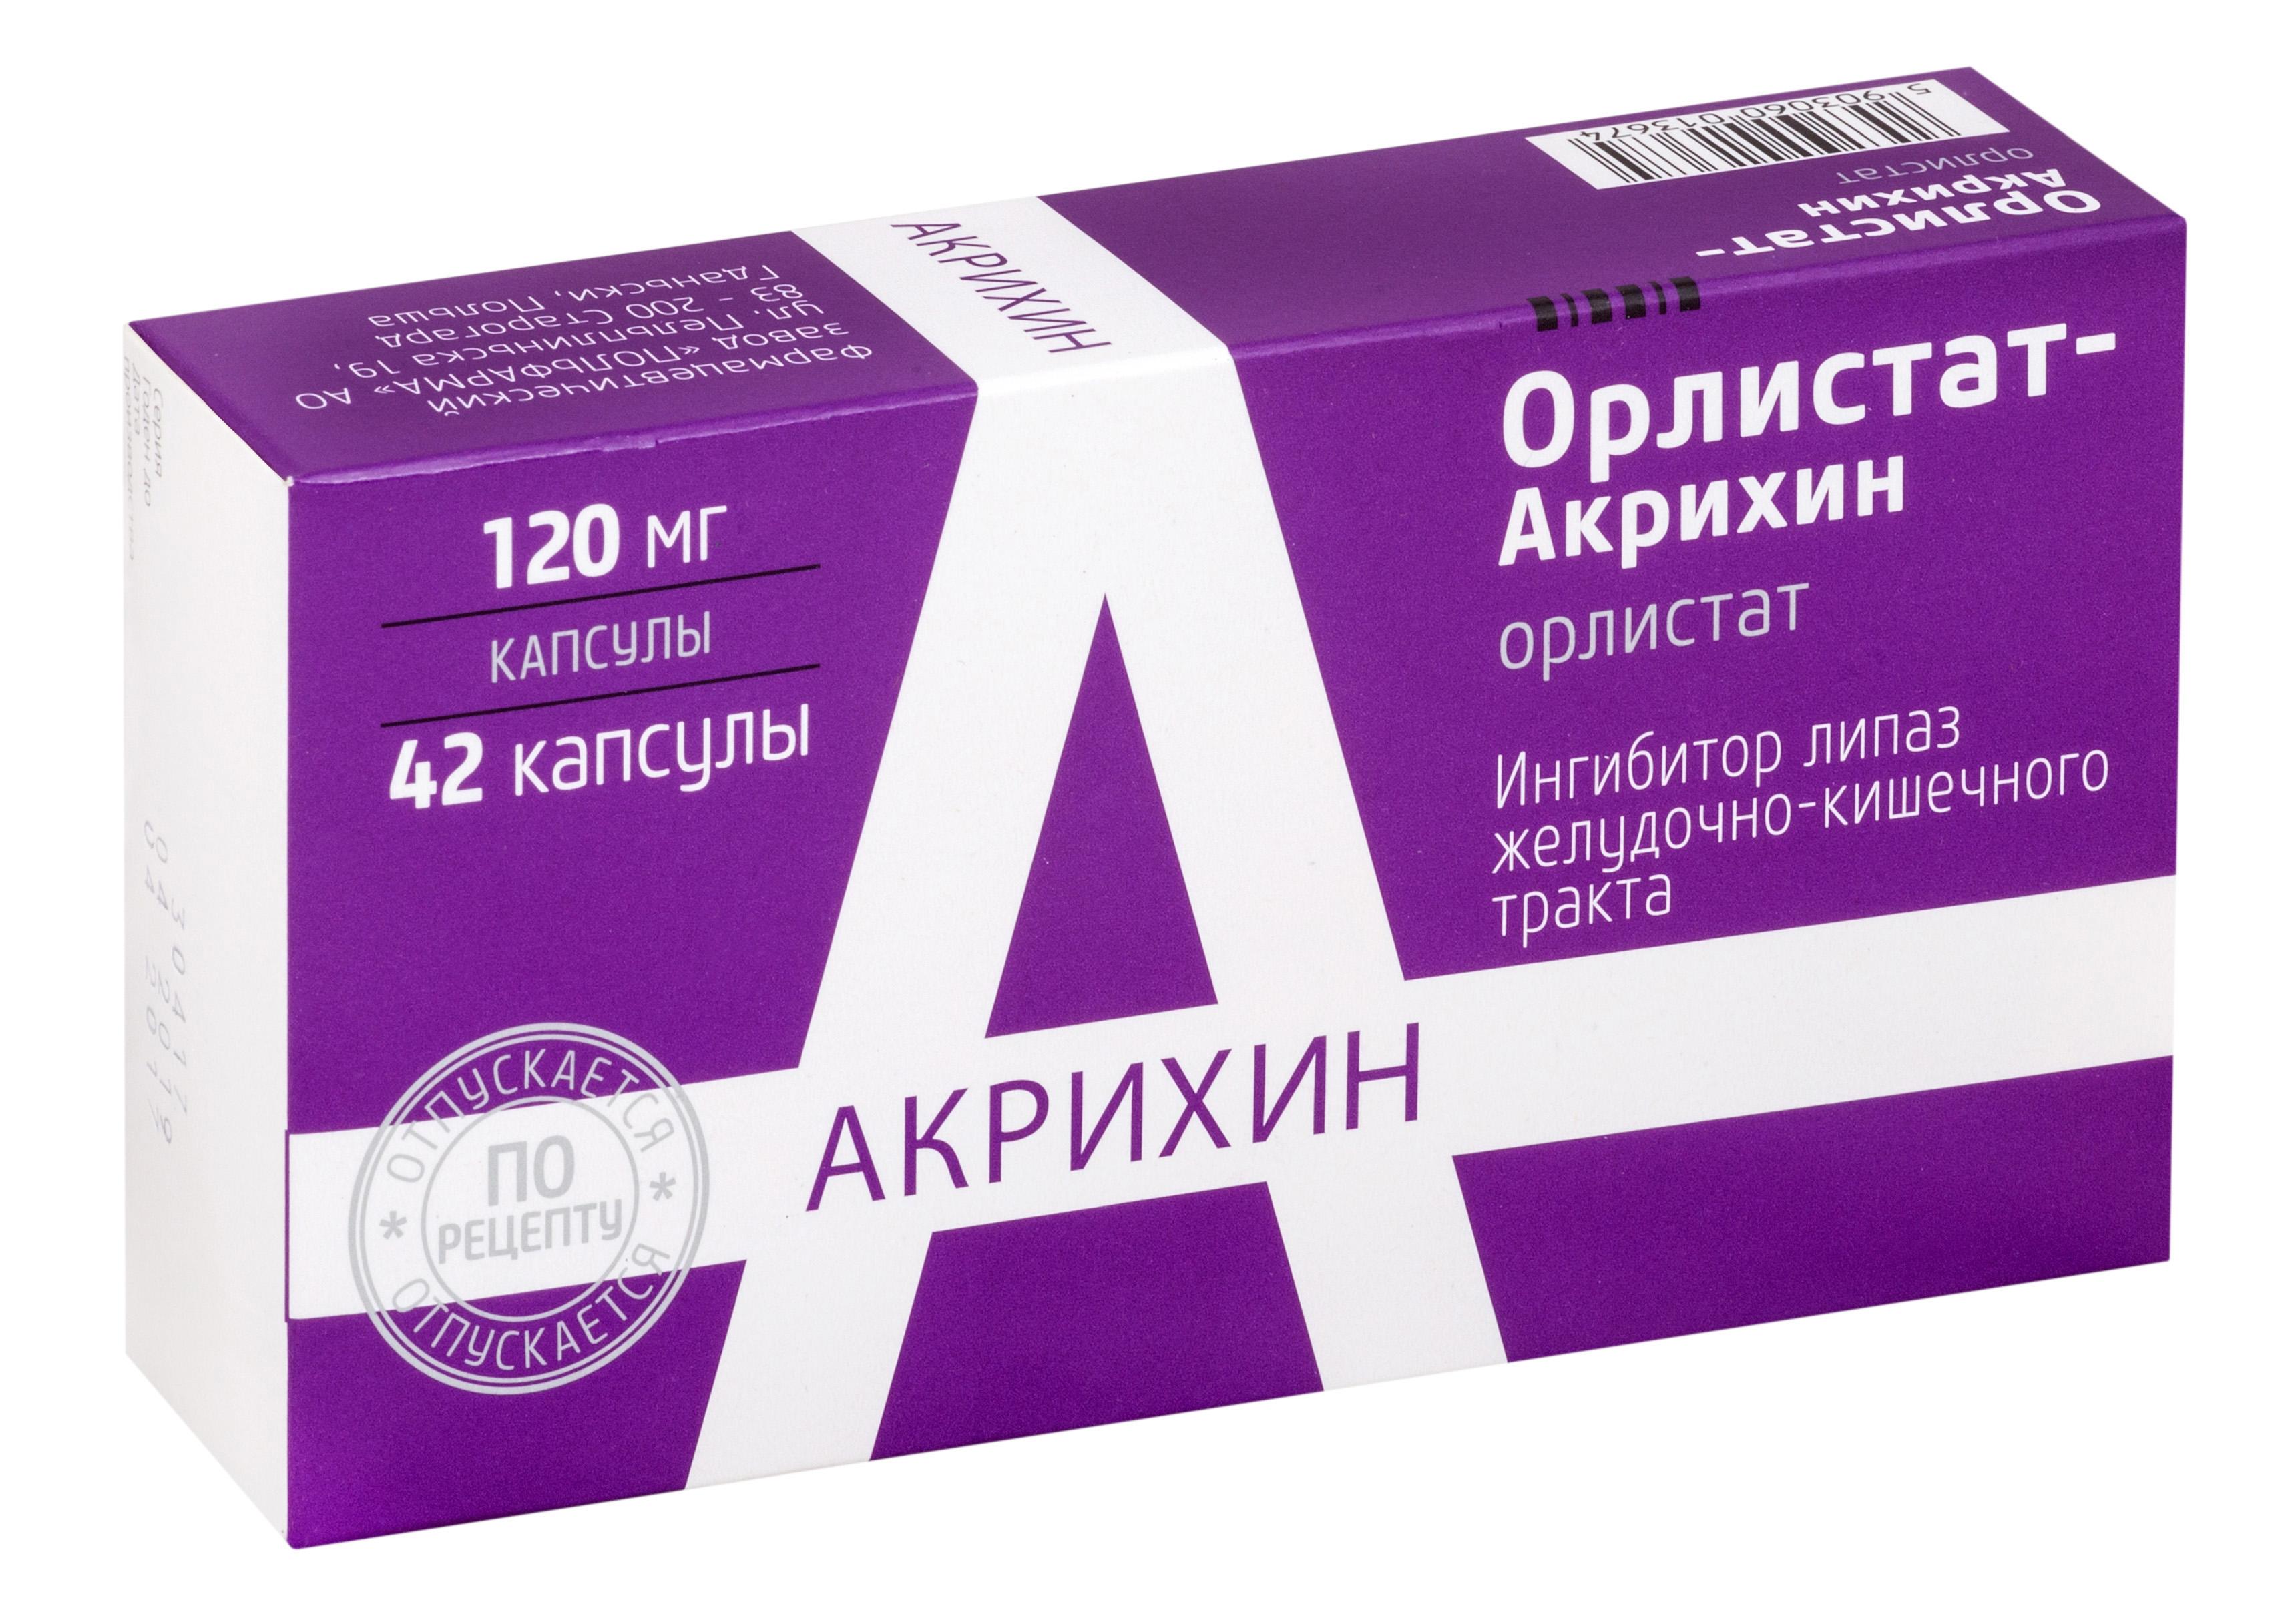 Орлистат-Акрихин капс. 120 мг №42